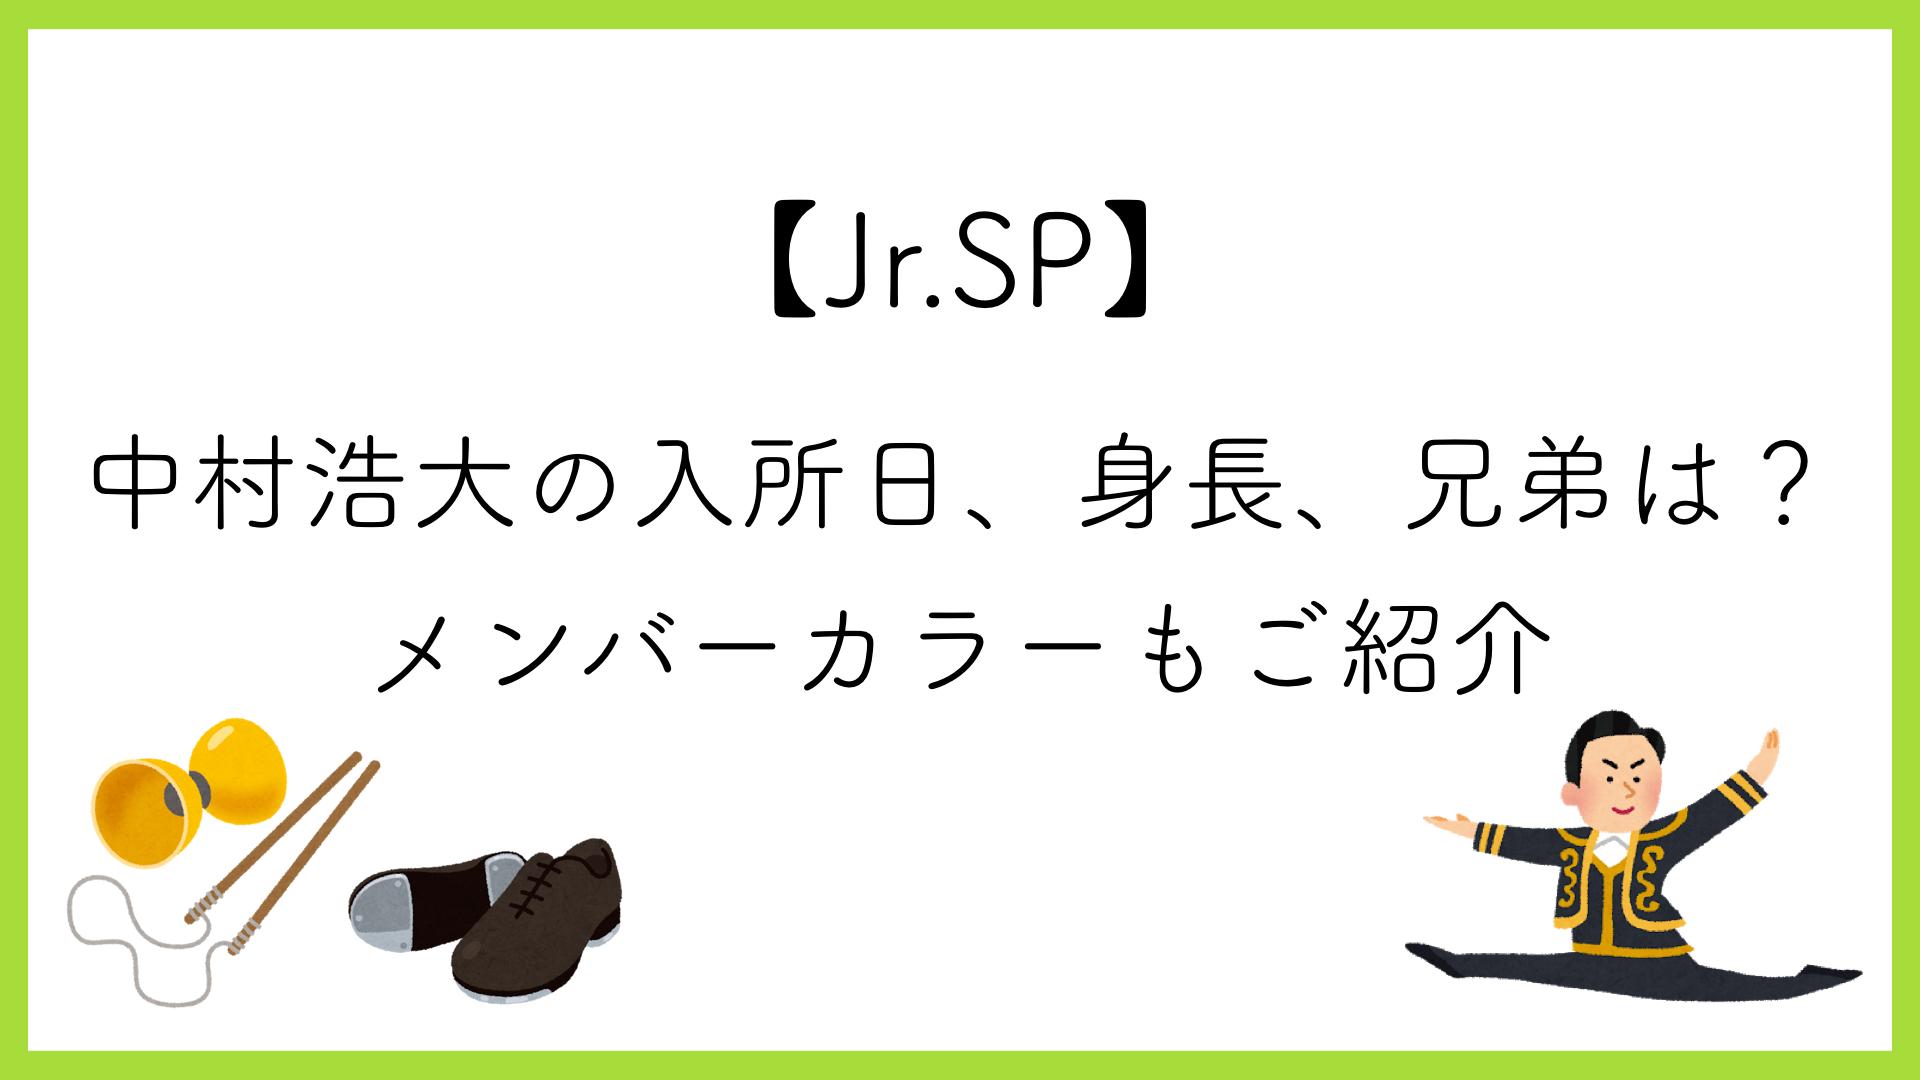 【Jr.SP】中村浩大の入所日、身長、兄弟は?メンバーカラーもご紹介